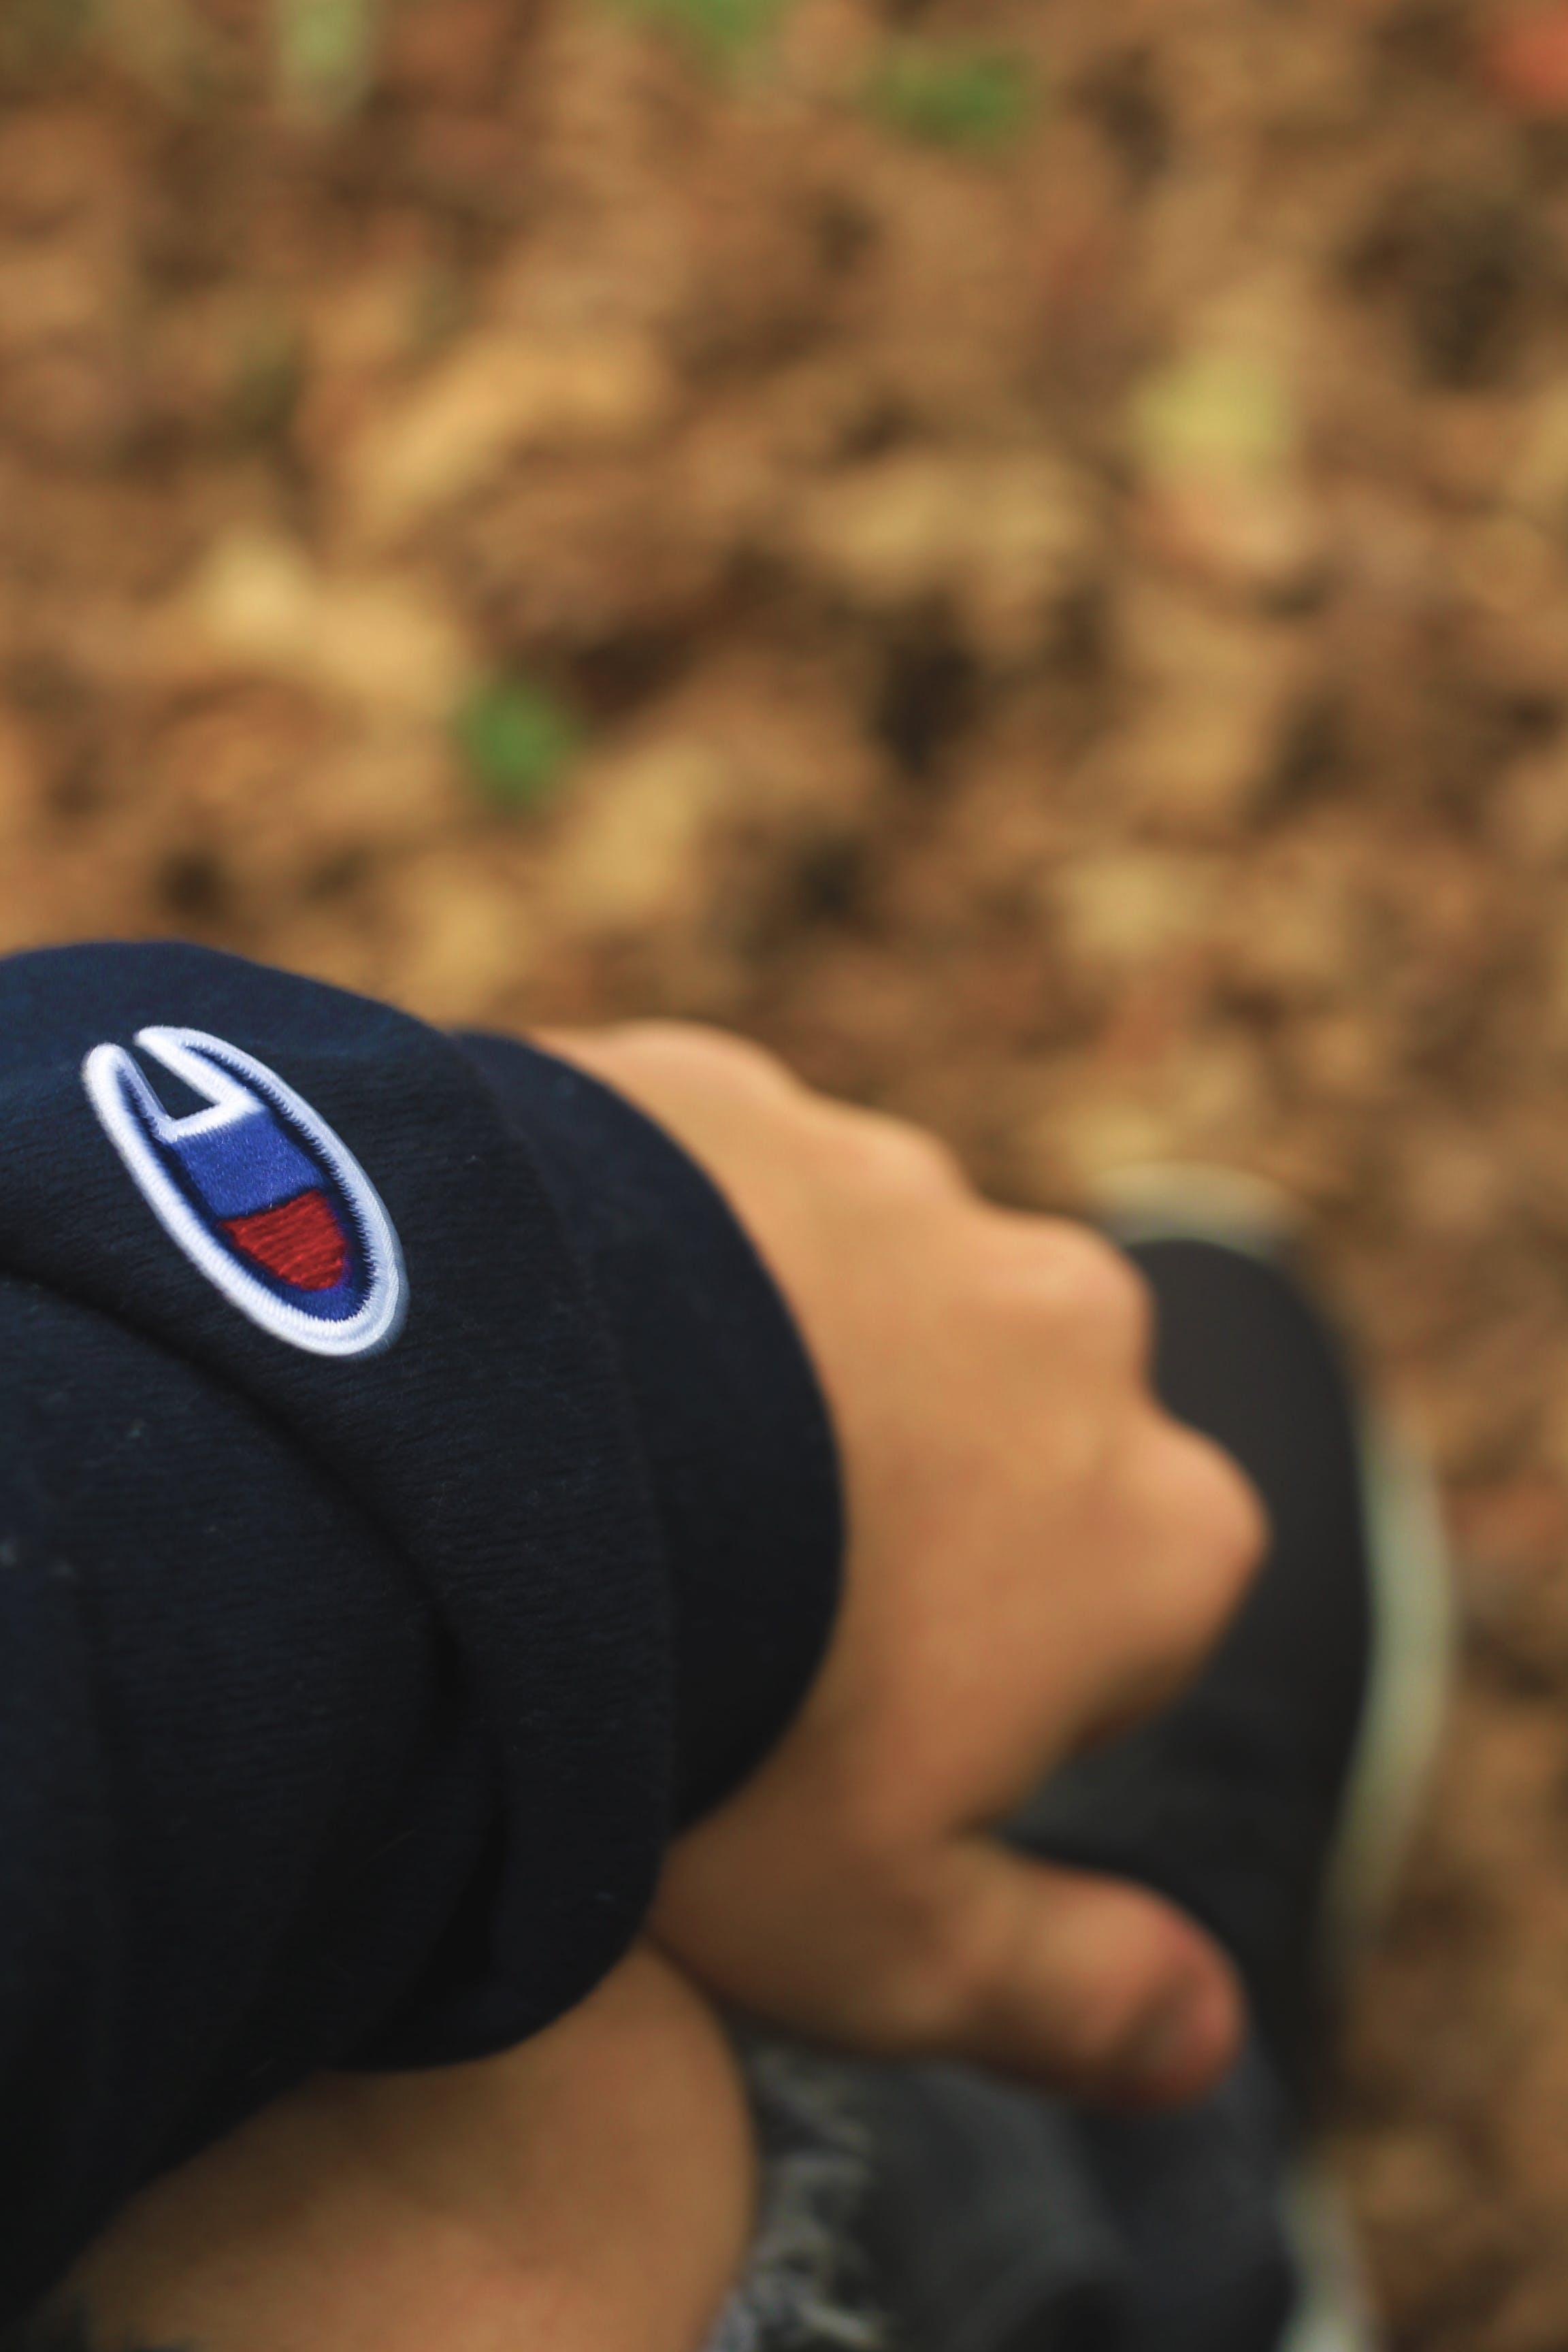 Free stock photo of fashion, autumn, brand, logo